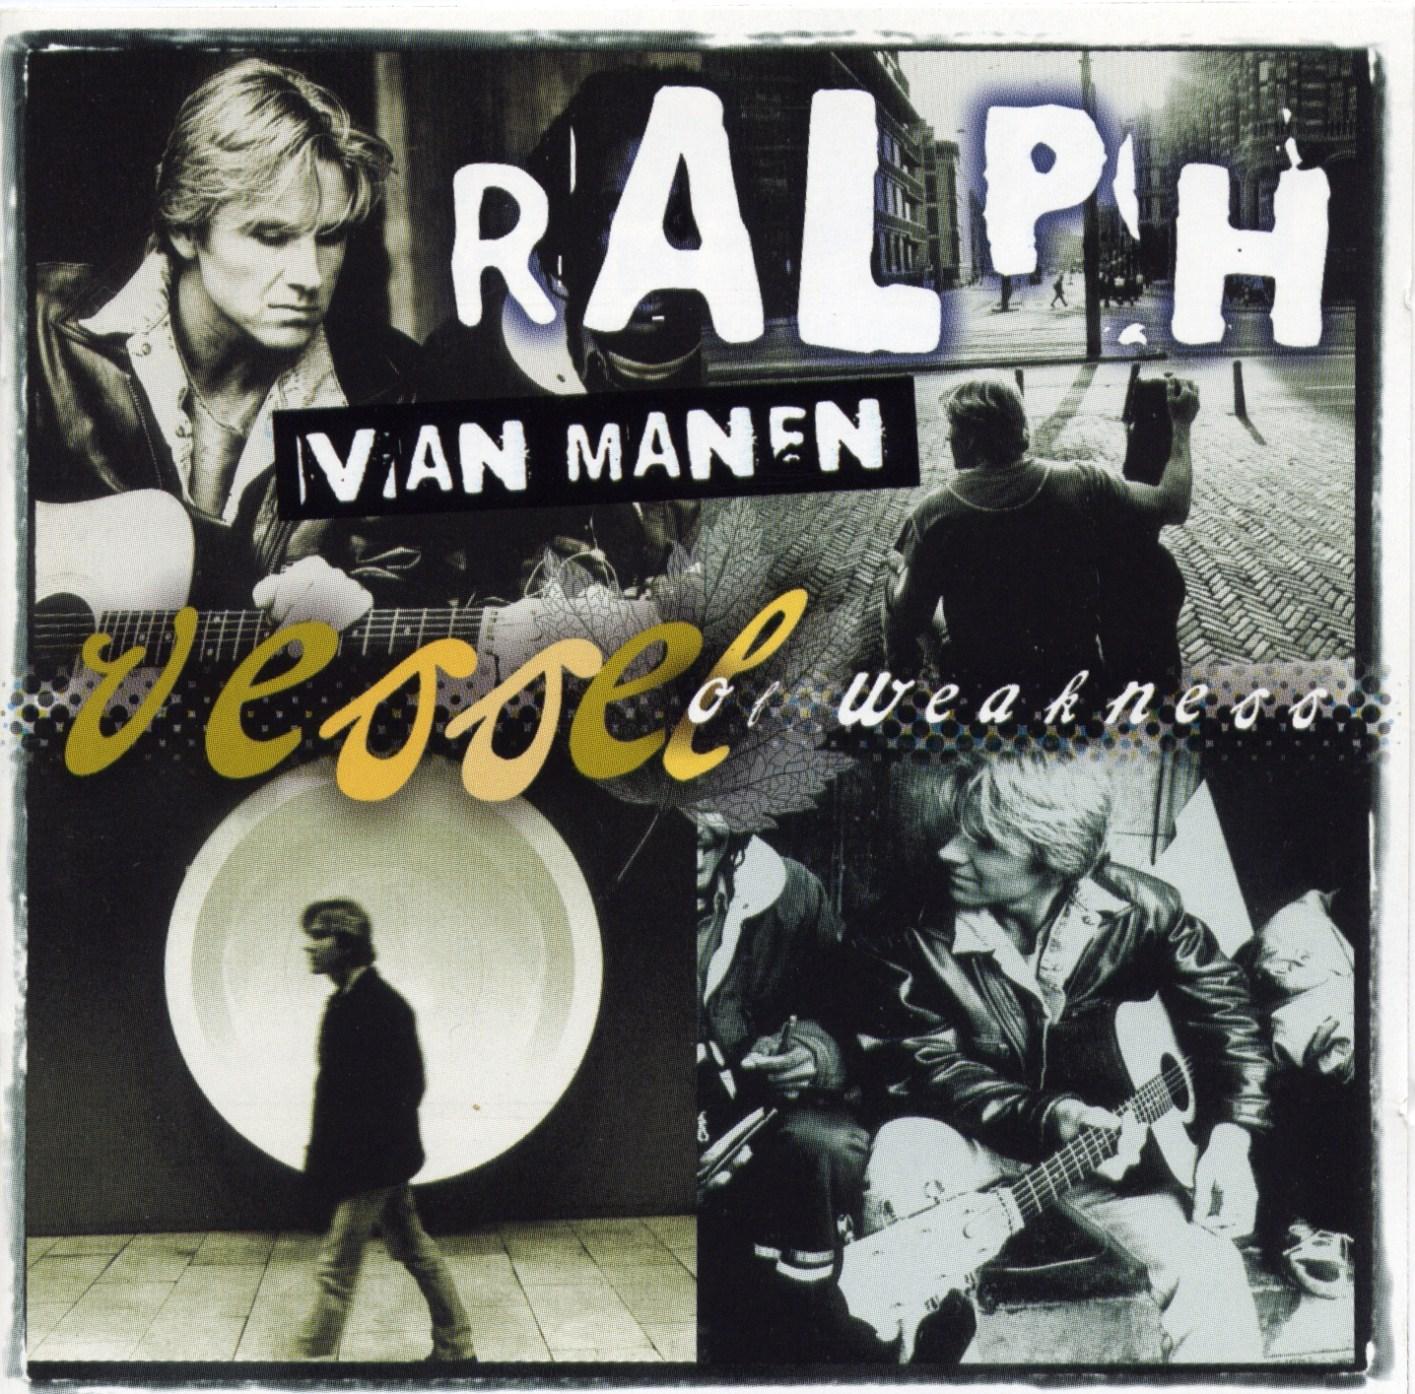 Ralph van Manen - Vessel of weakness